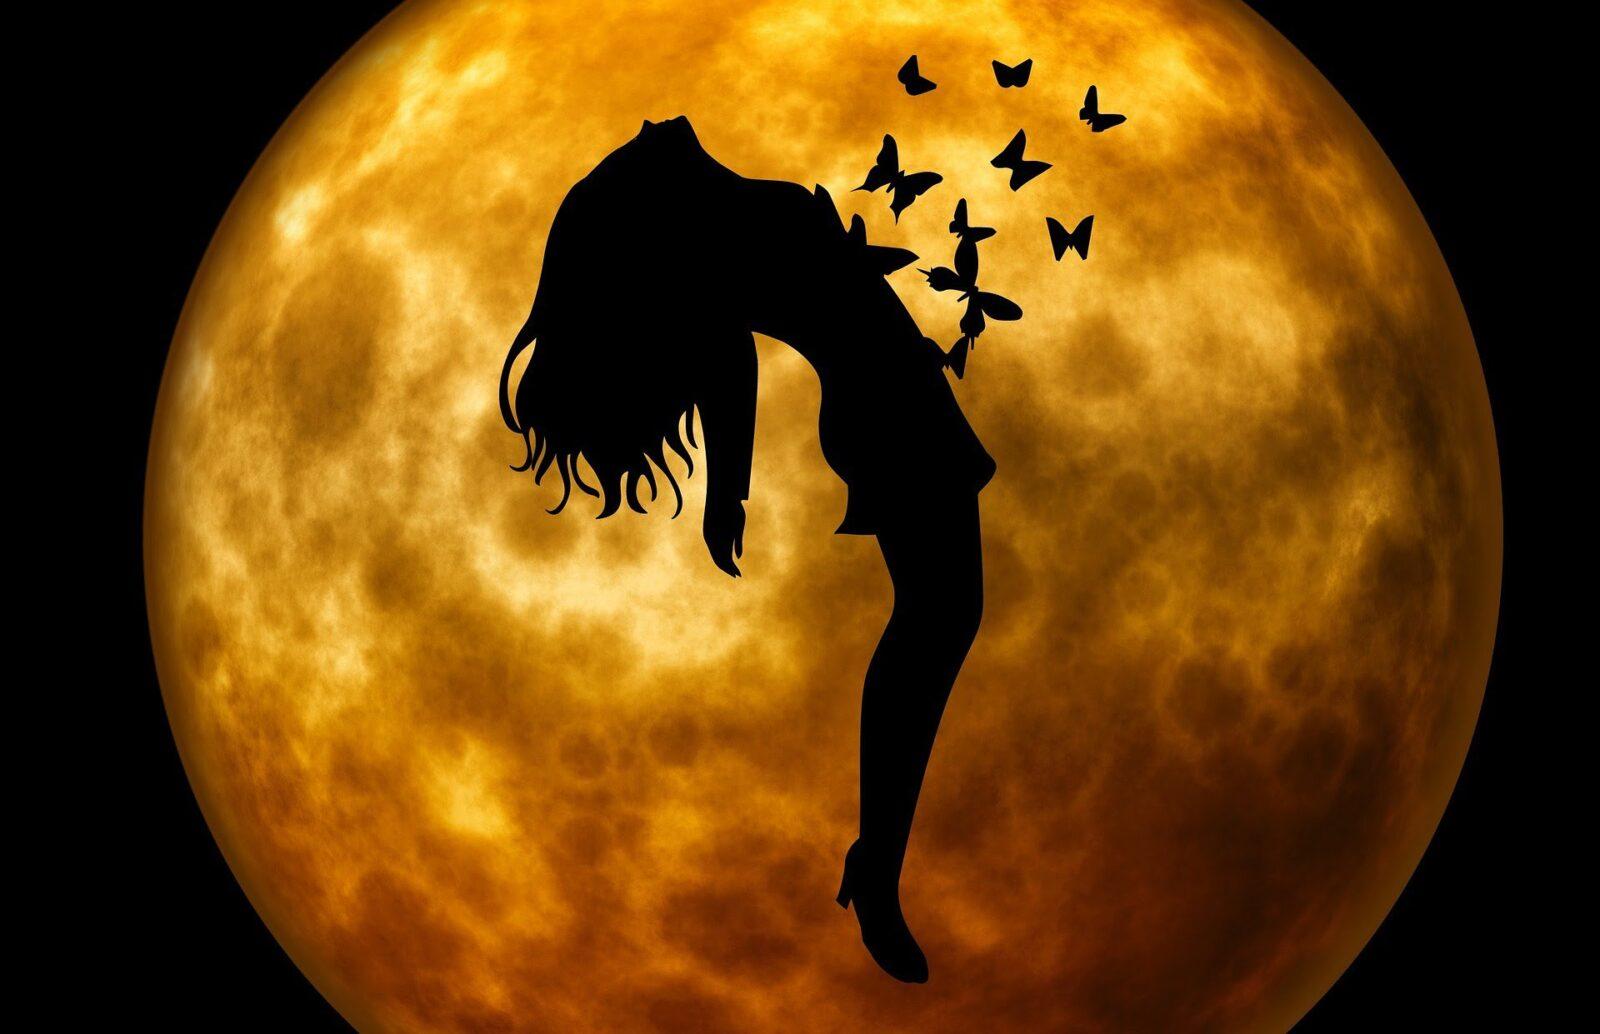 Сделайте сильный ритуал на убывающую луну от безденежья! Только 16 декабря